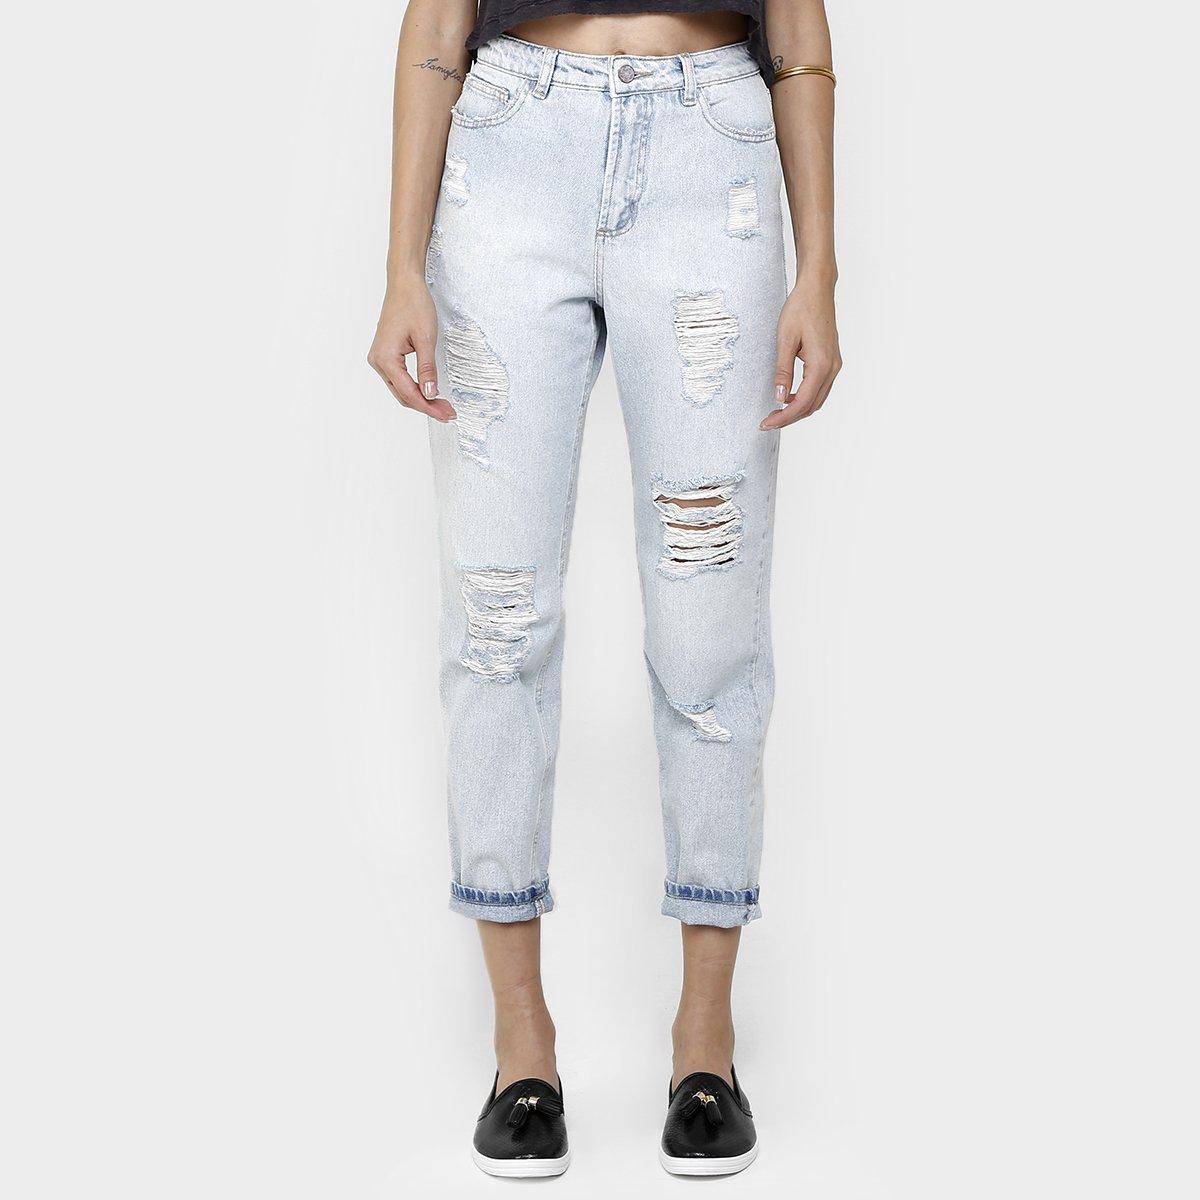 84f0ca8d9 Calça Jeans Farm Boyfriend Rasgada | Zattini